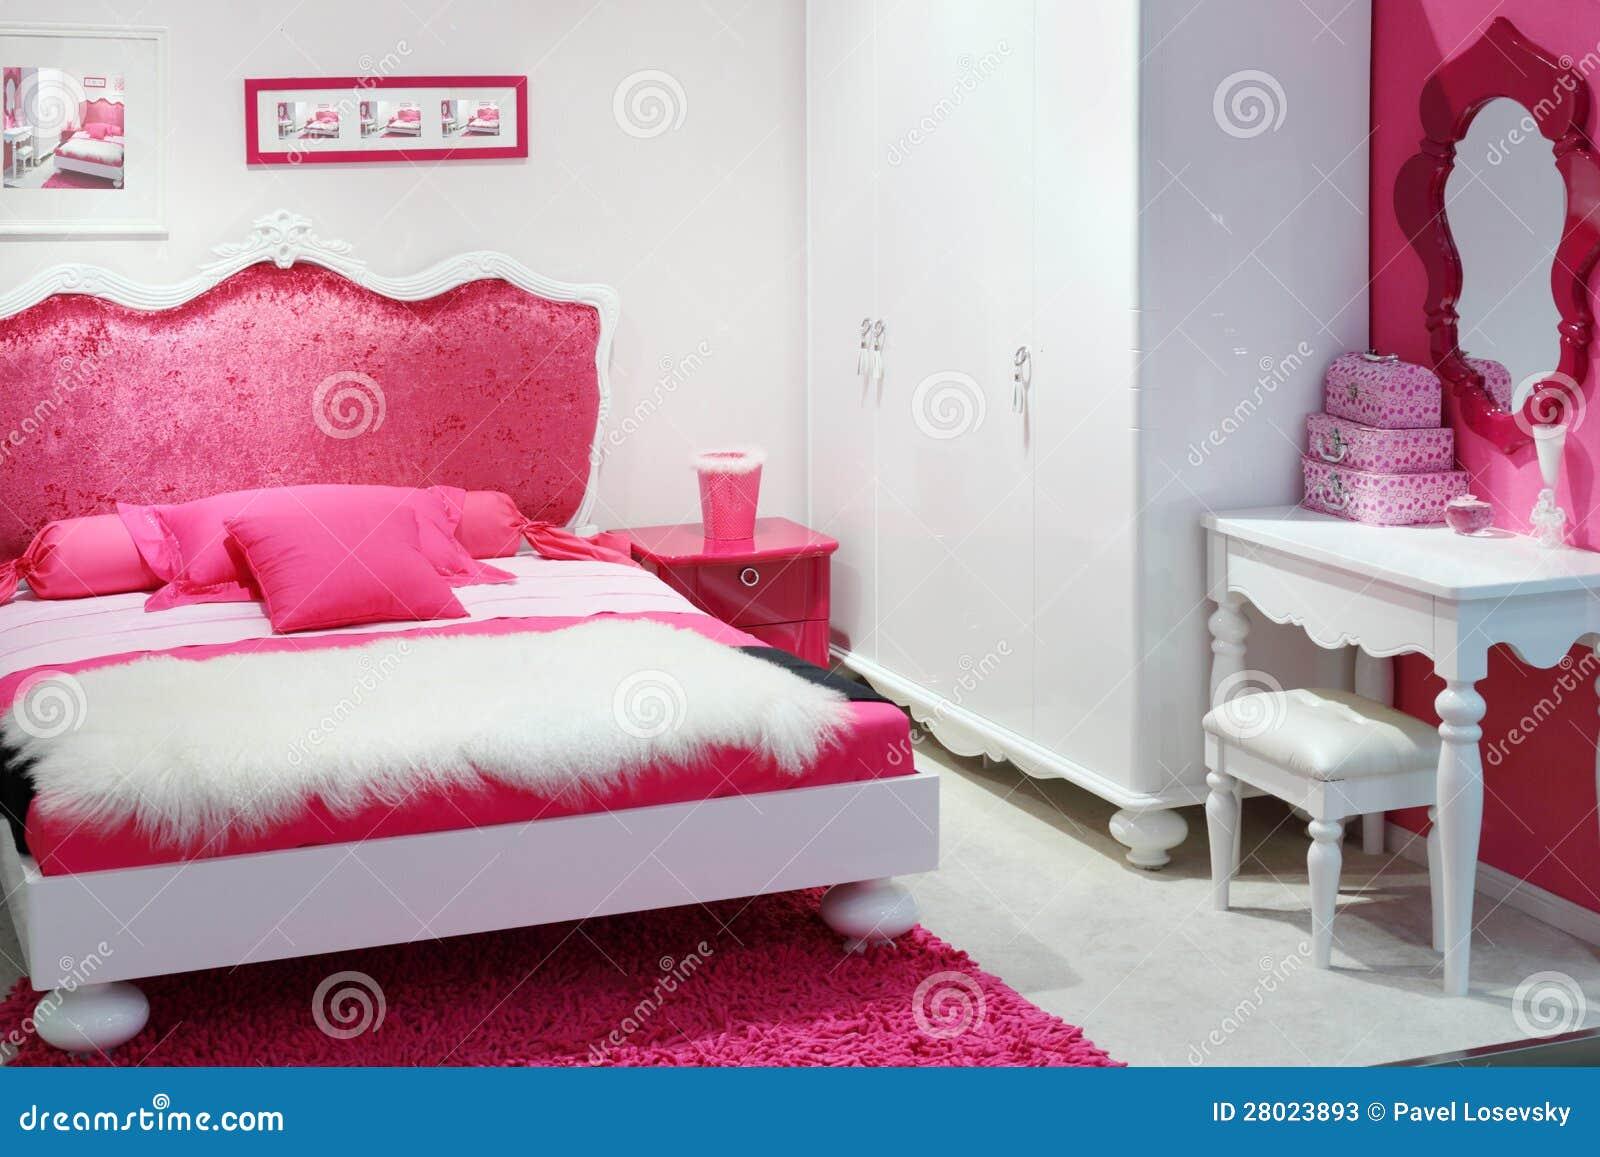 Stilfullt rosa sovrum fotografering för bildbyråer Bild av design 28023893